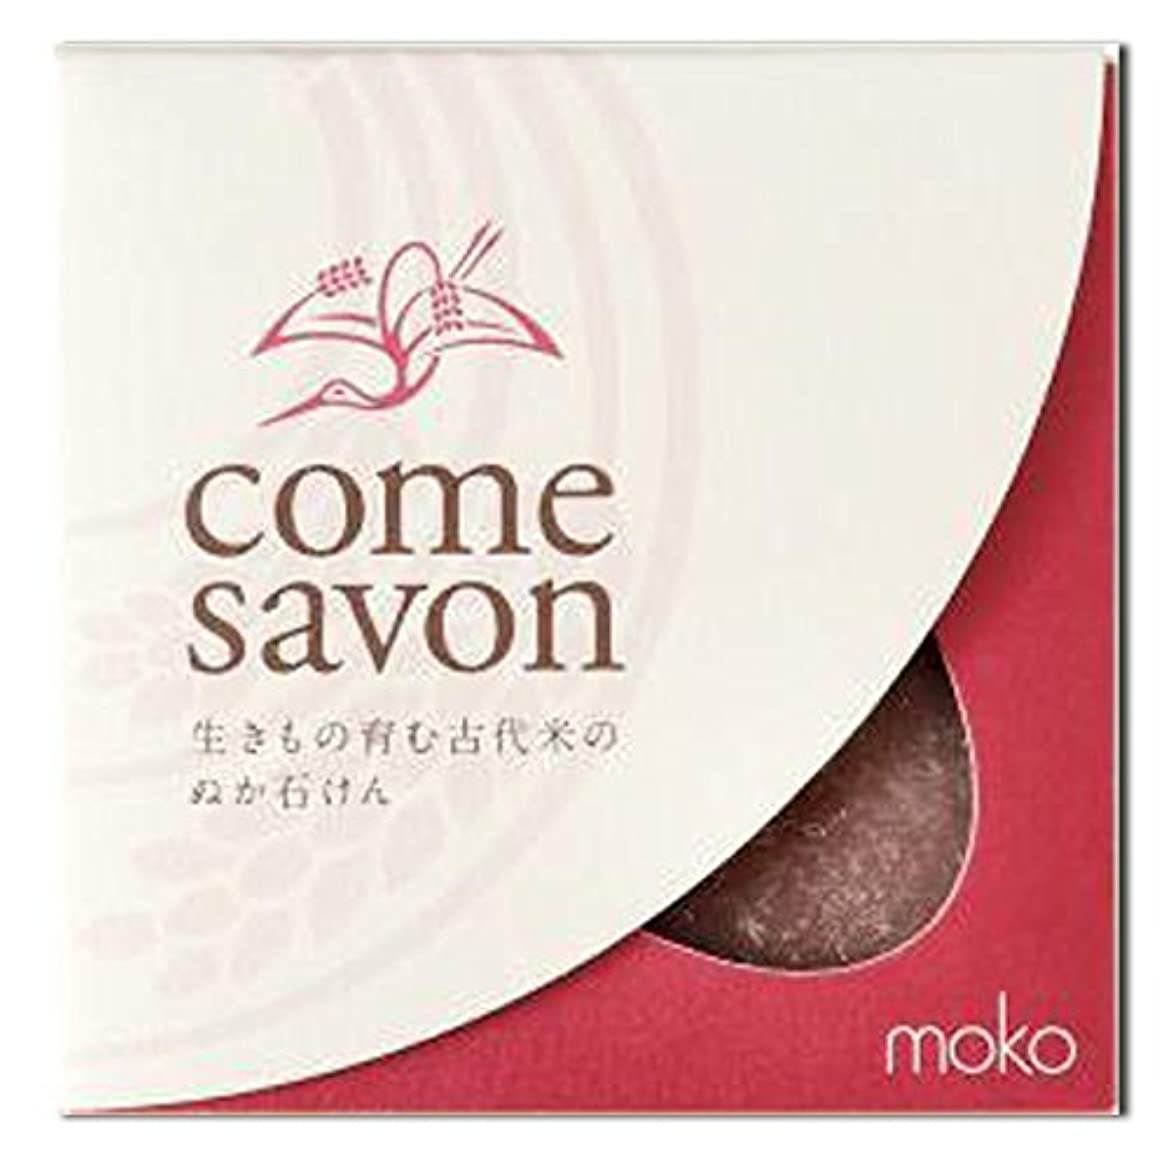 怒る午後排除無添加手作り石けんcome savon 紅 しっとりタイプ